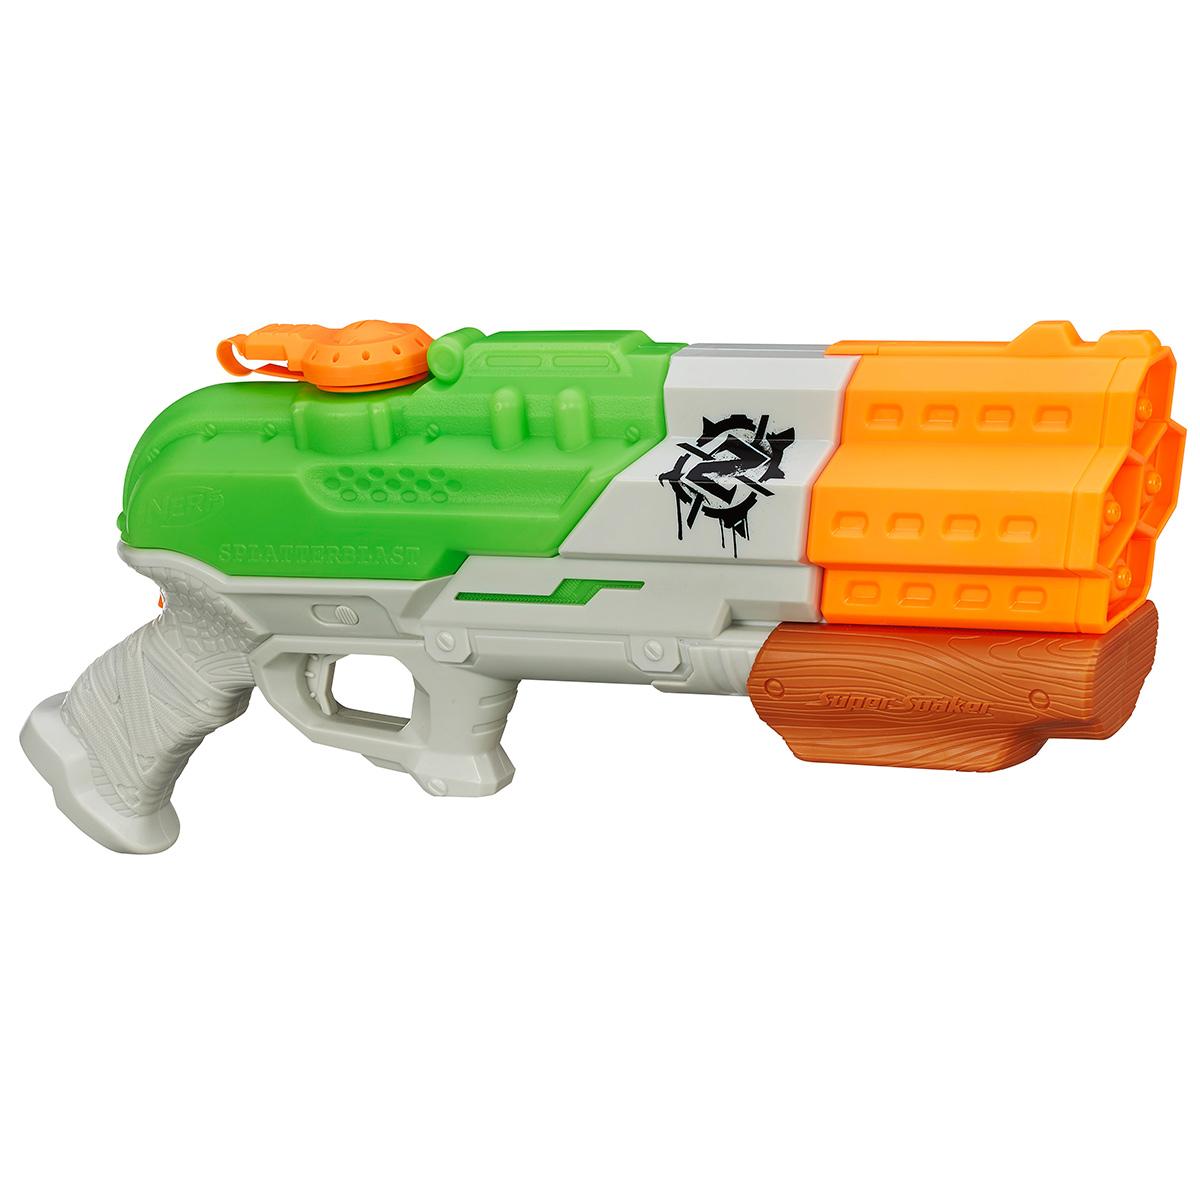 Водяной бластер Nerf Супер Сокер Зомби Страйк, цвет: зеленый, оранжевый как нарисовать nerf